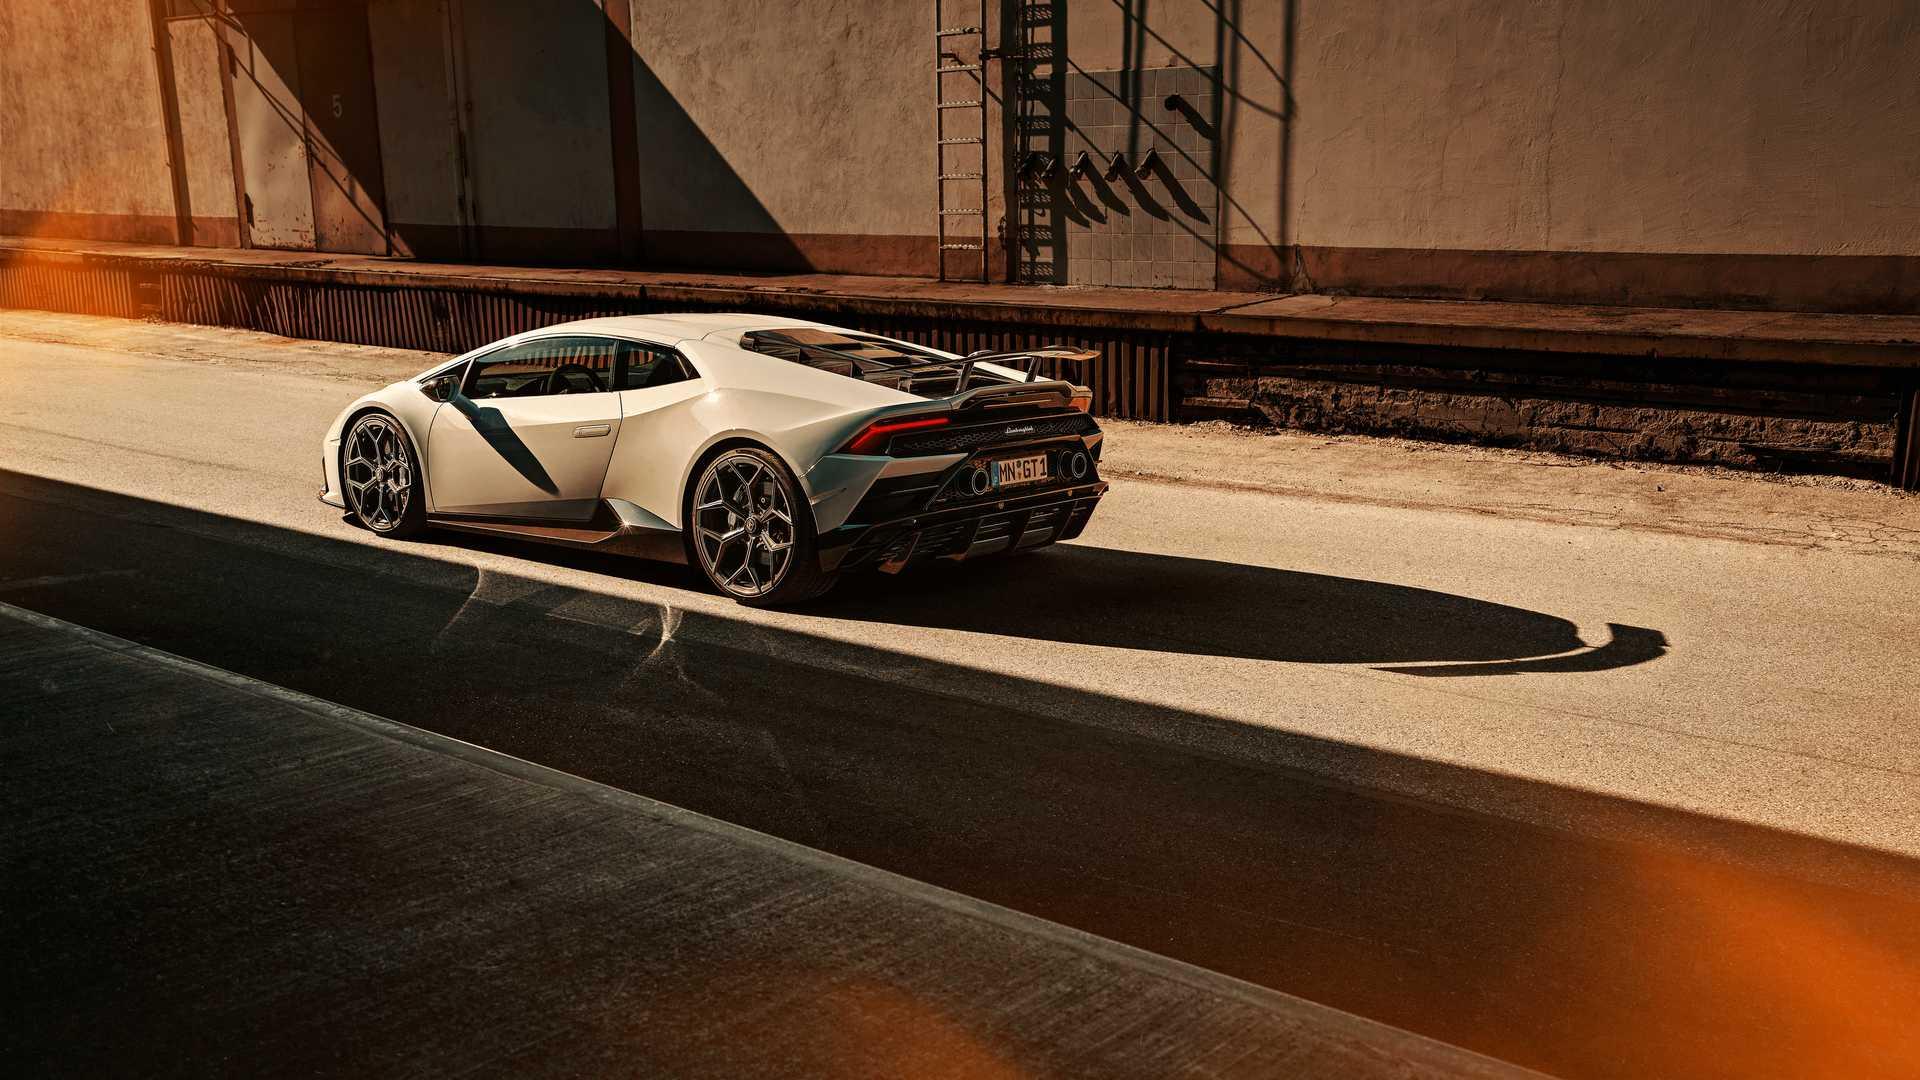 Lamborghini_Huracan_Evo_by_Novitec_0001